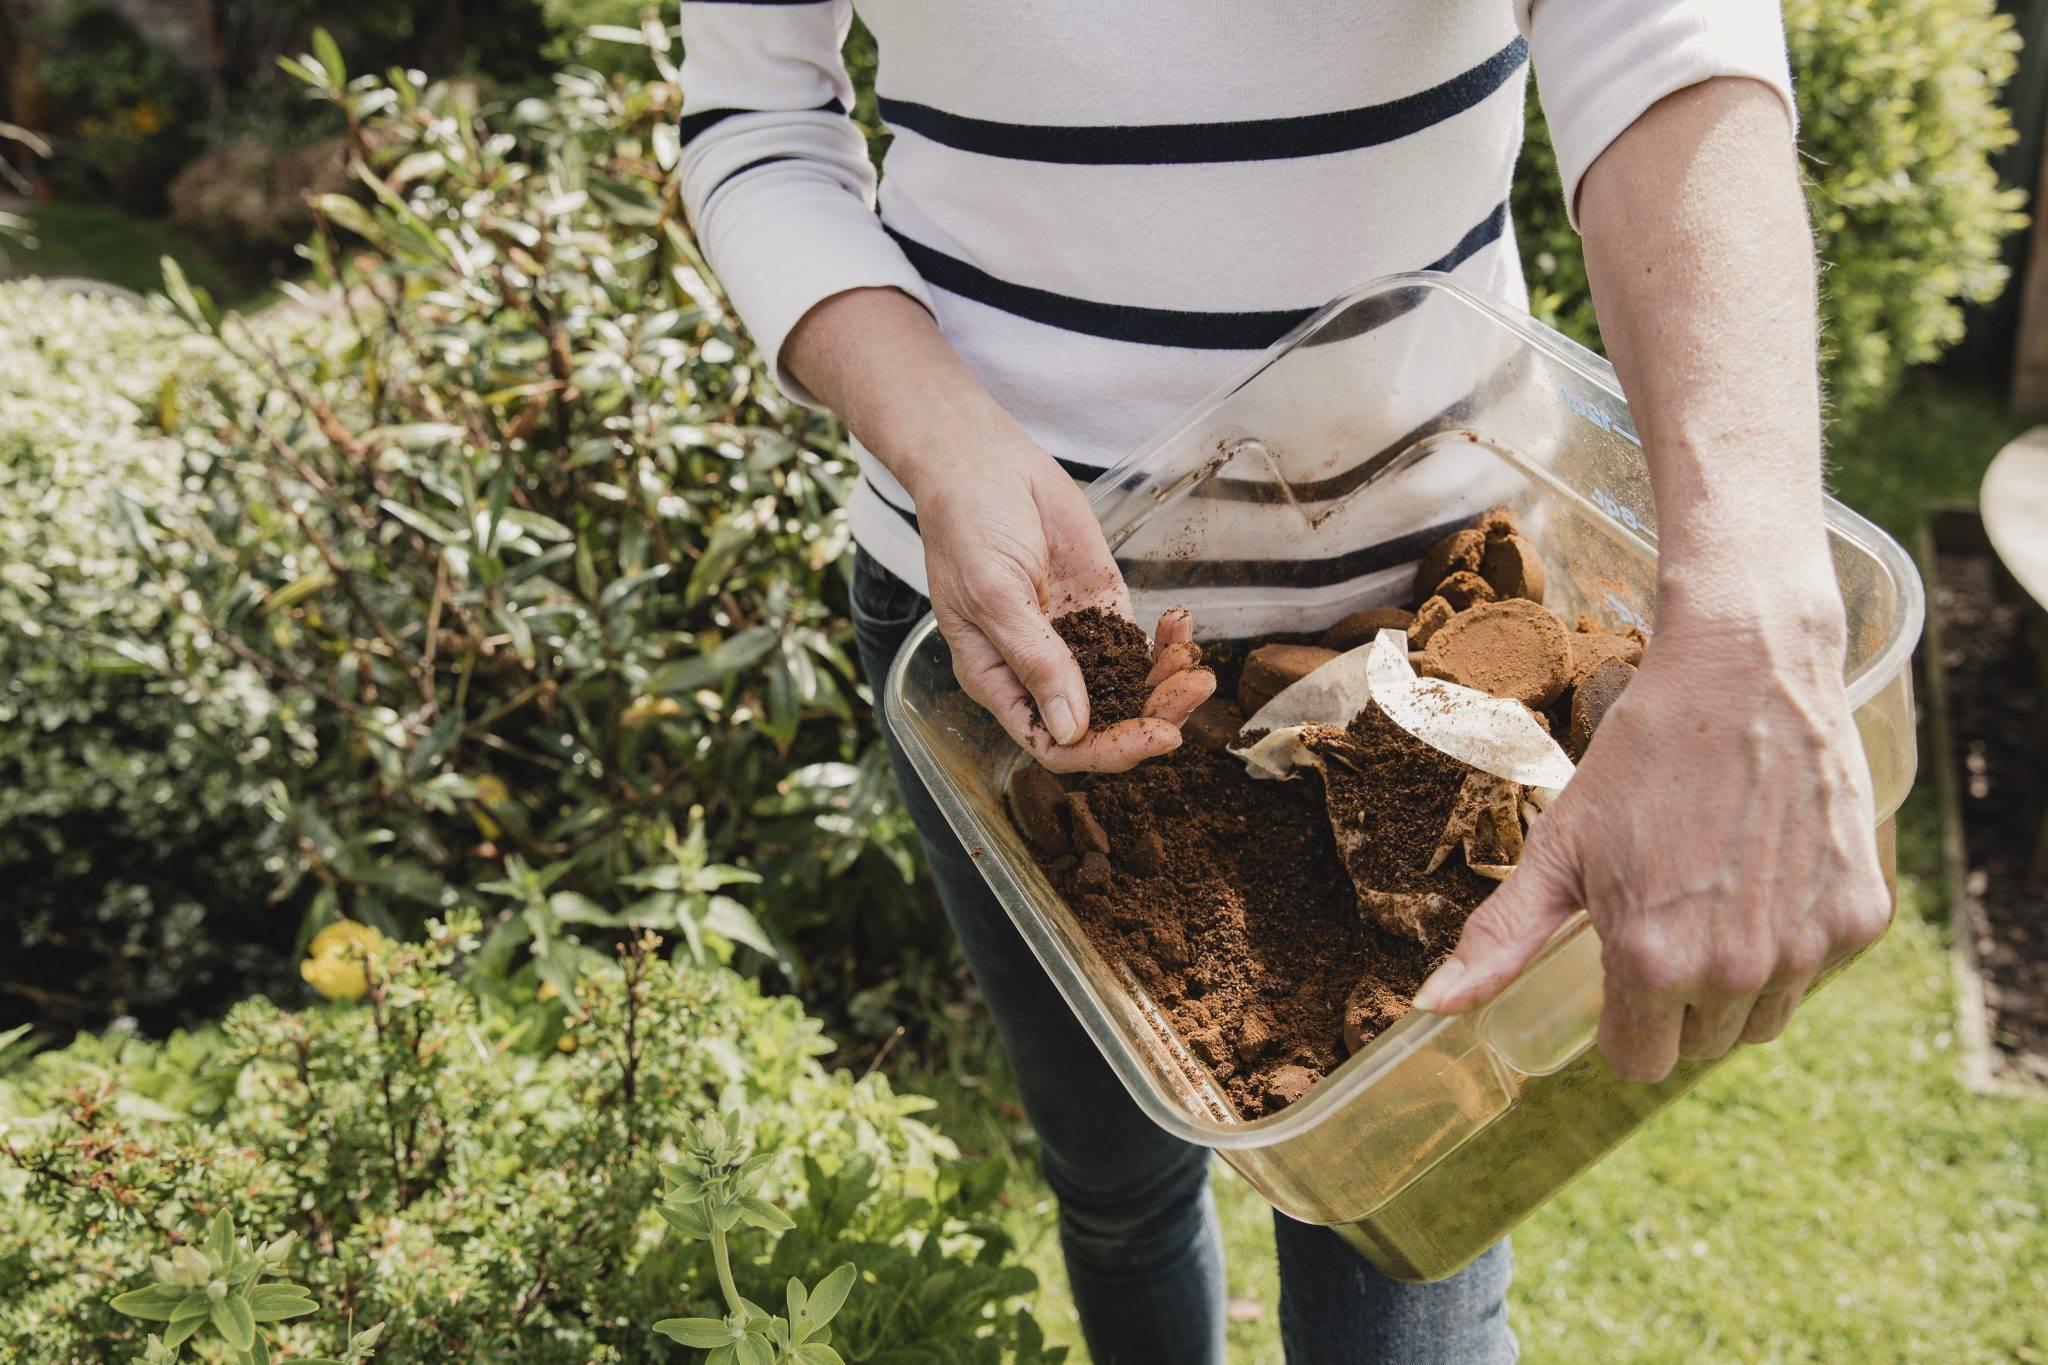 Кофейная гуща как удобрение для огорода: верно применяем